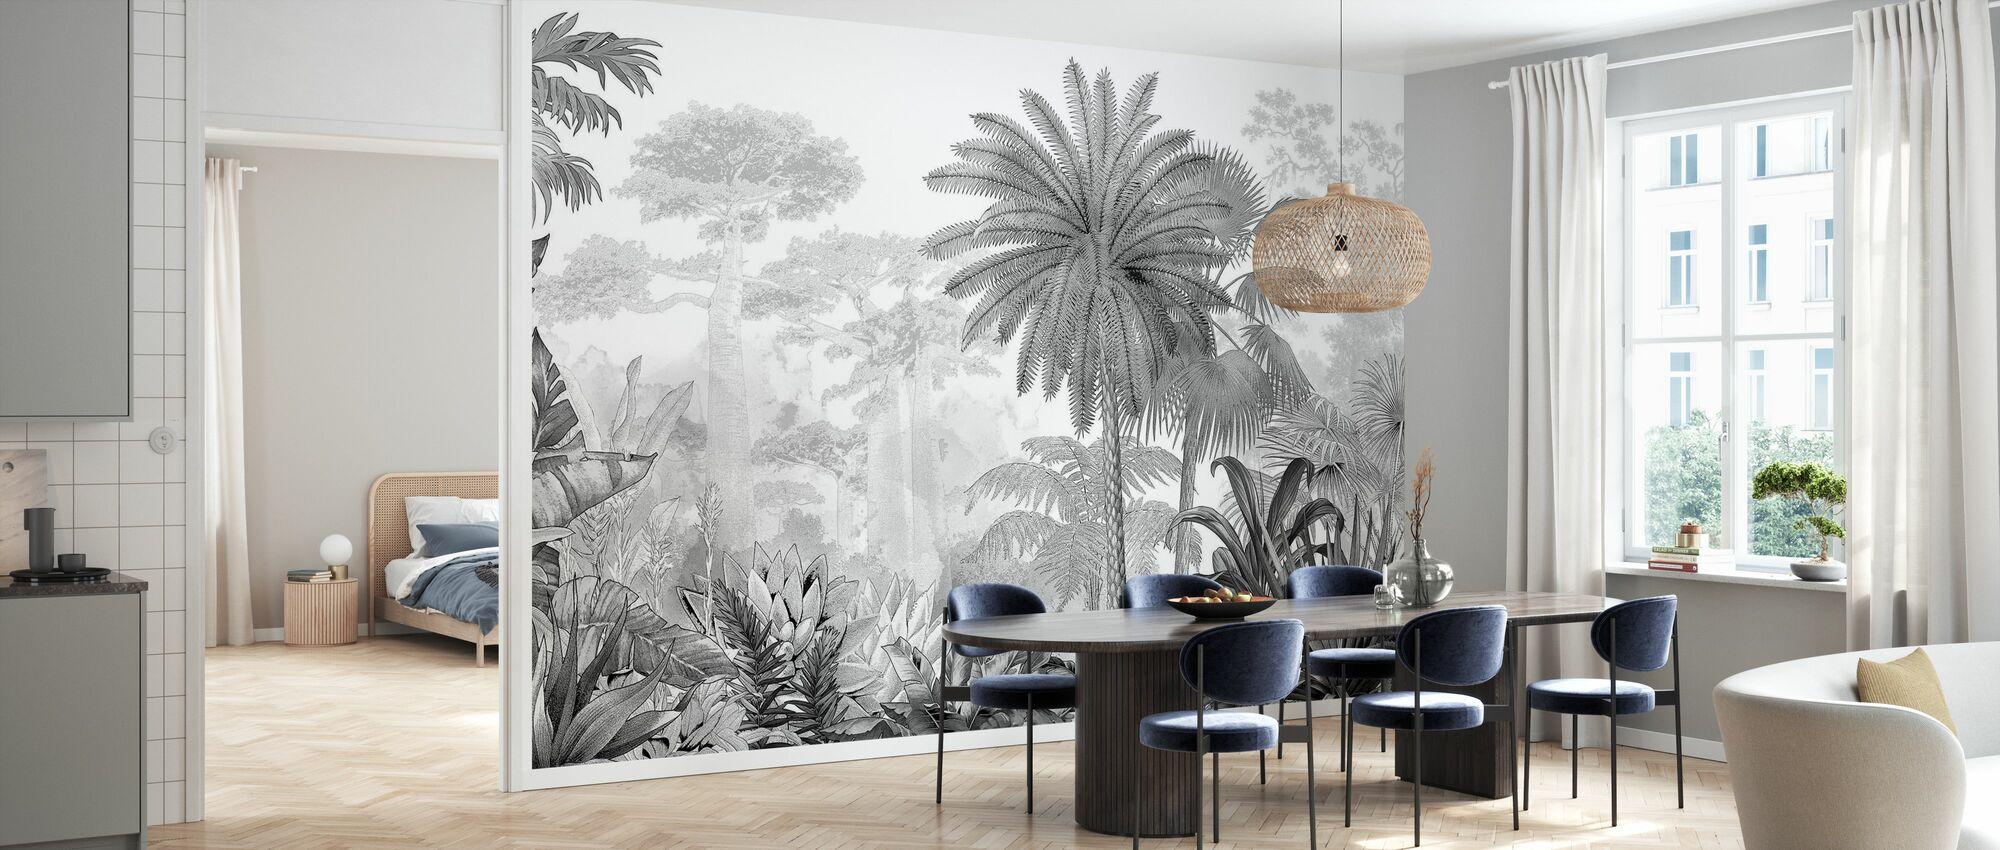 Eden tropicale - Carta da parati - Cucina